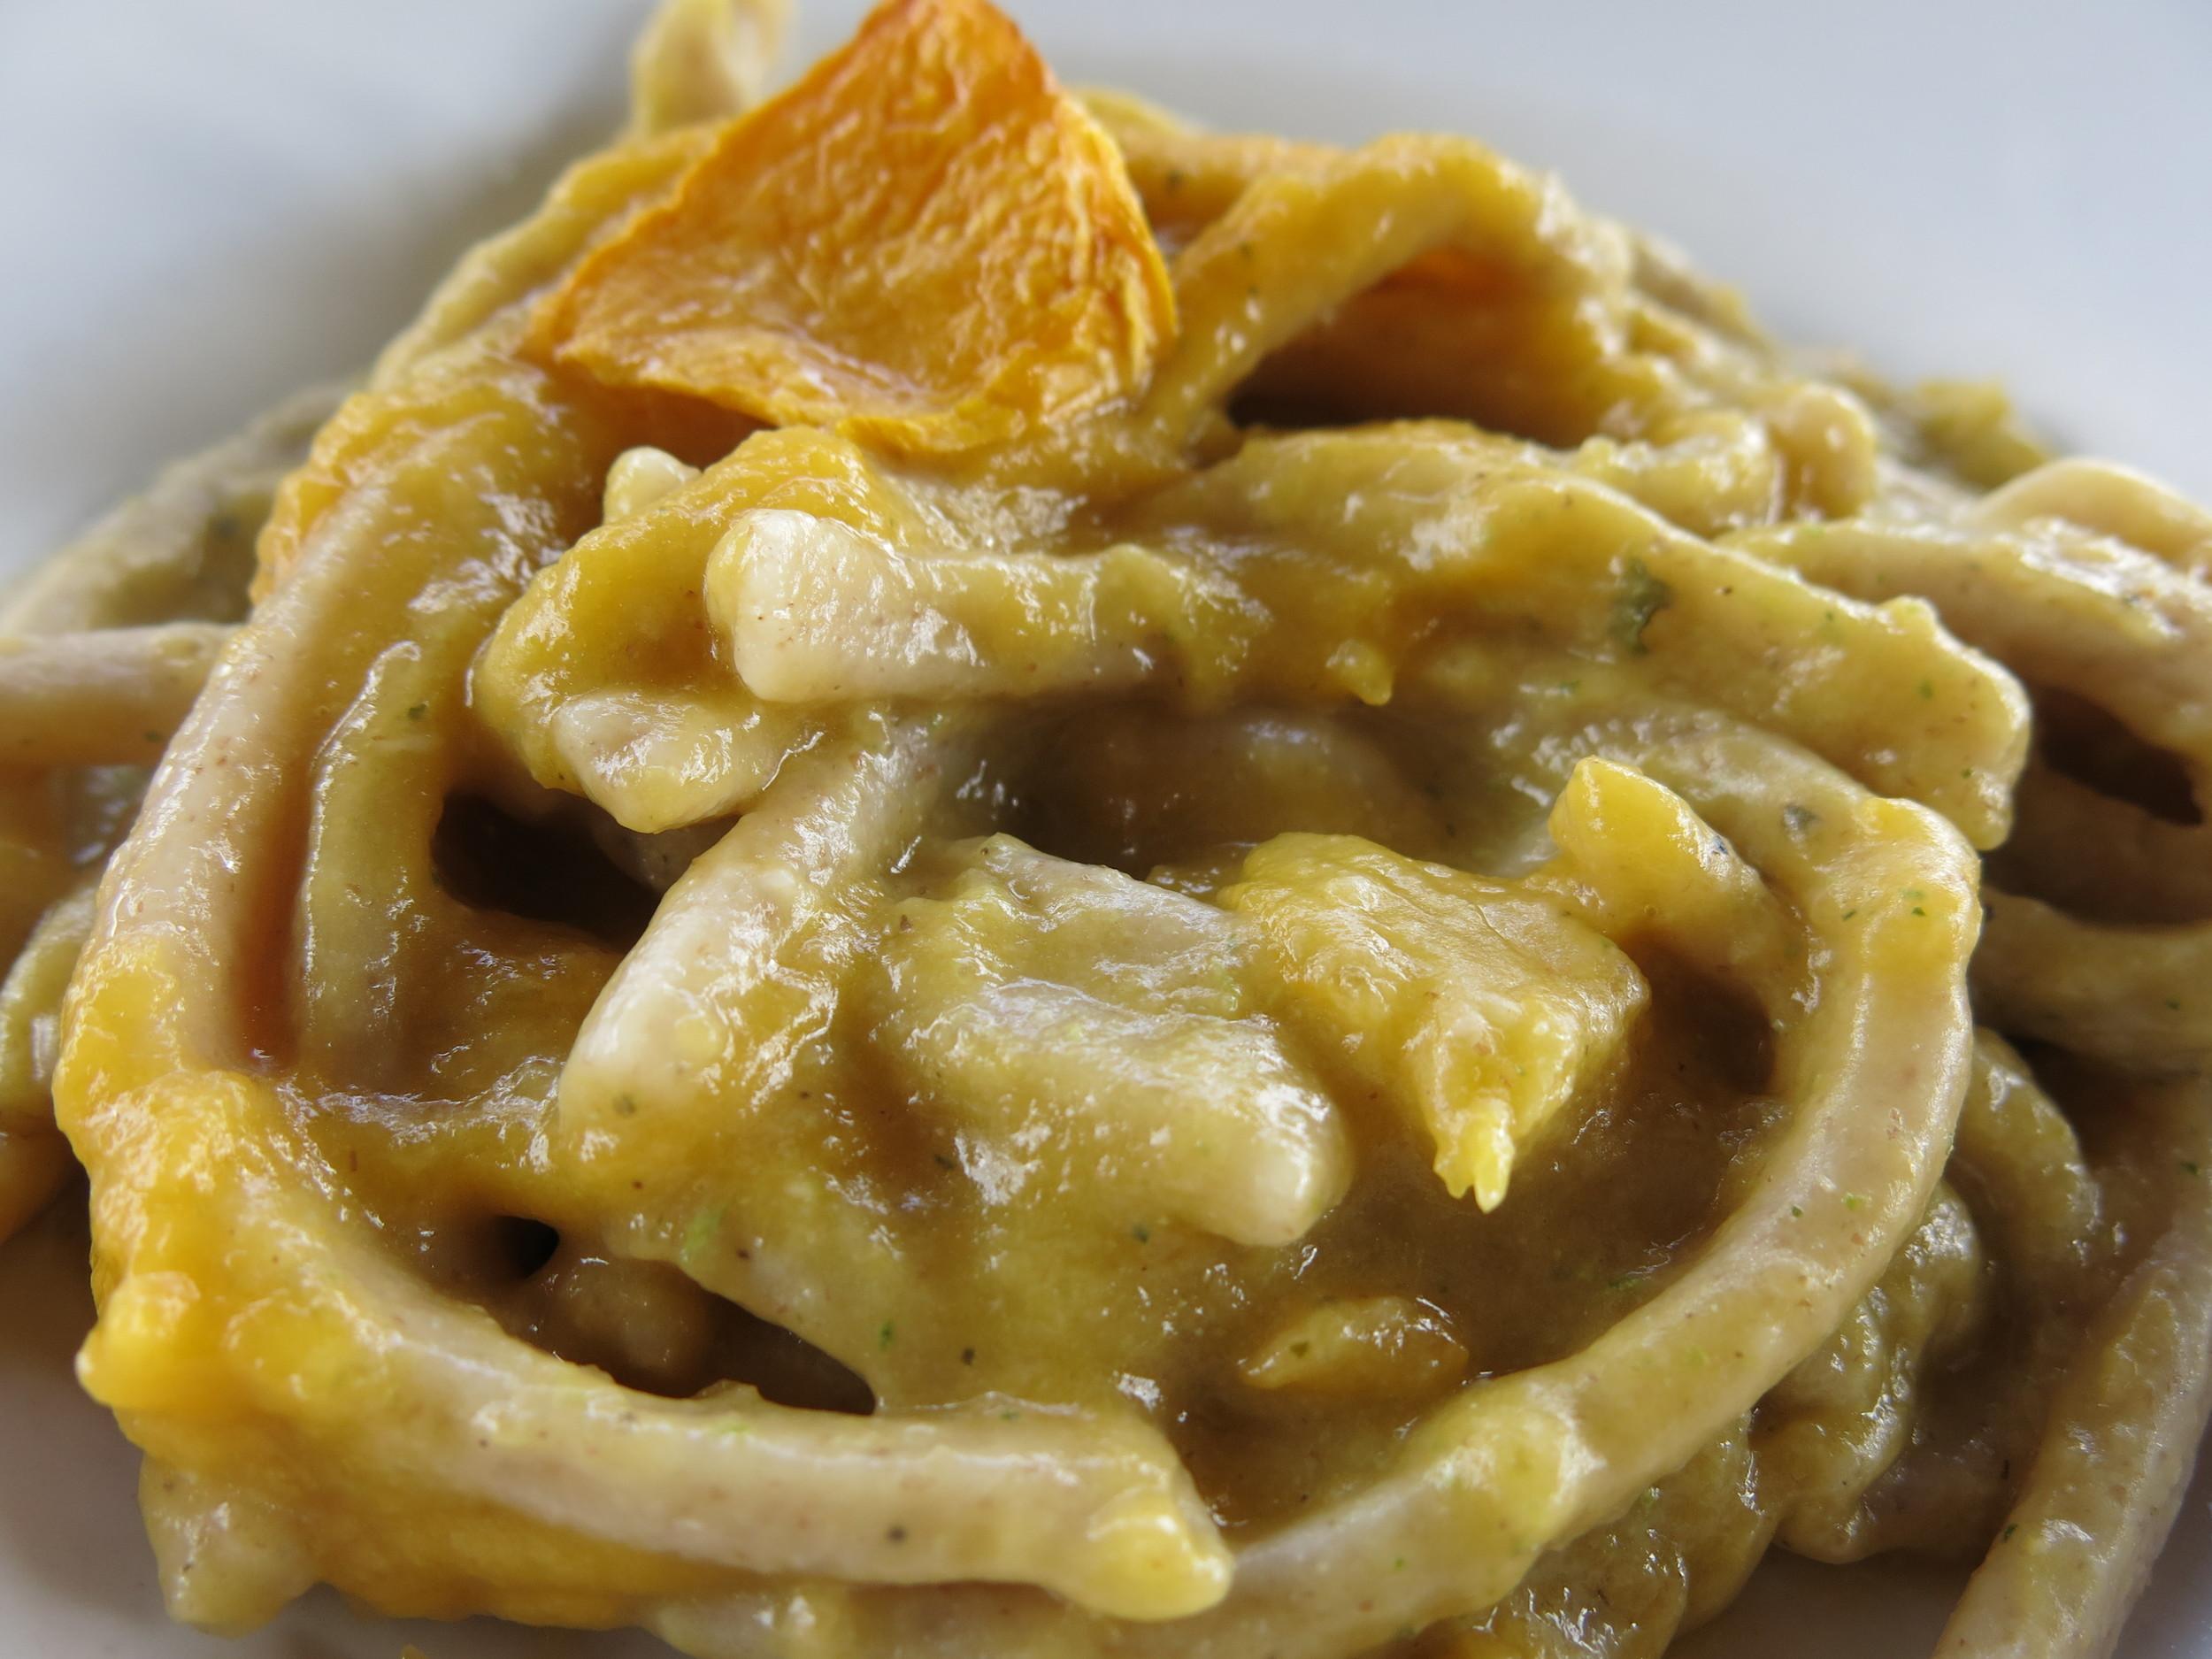 6-fresh-pasta-with-zucca-and-conciato-romano.jpg